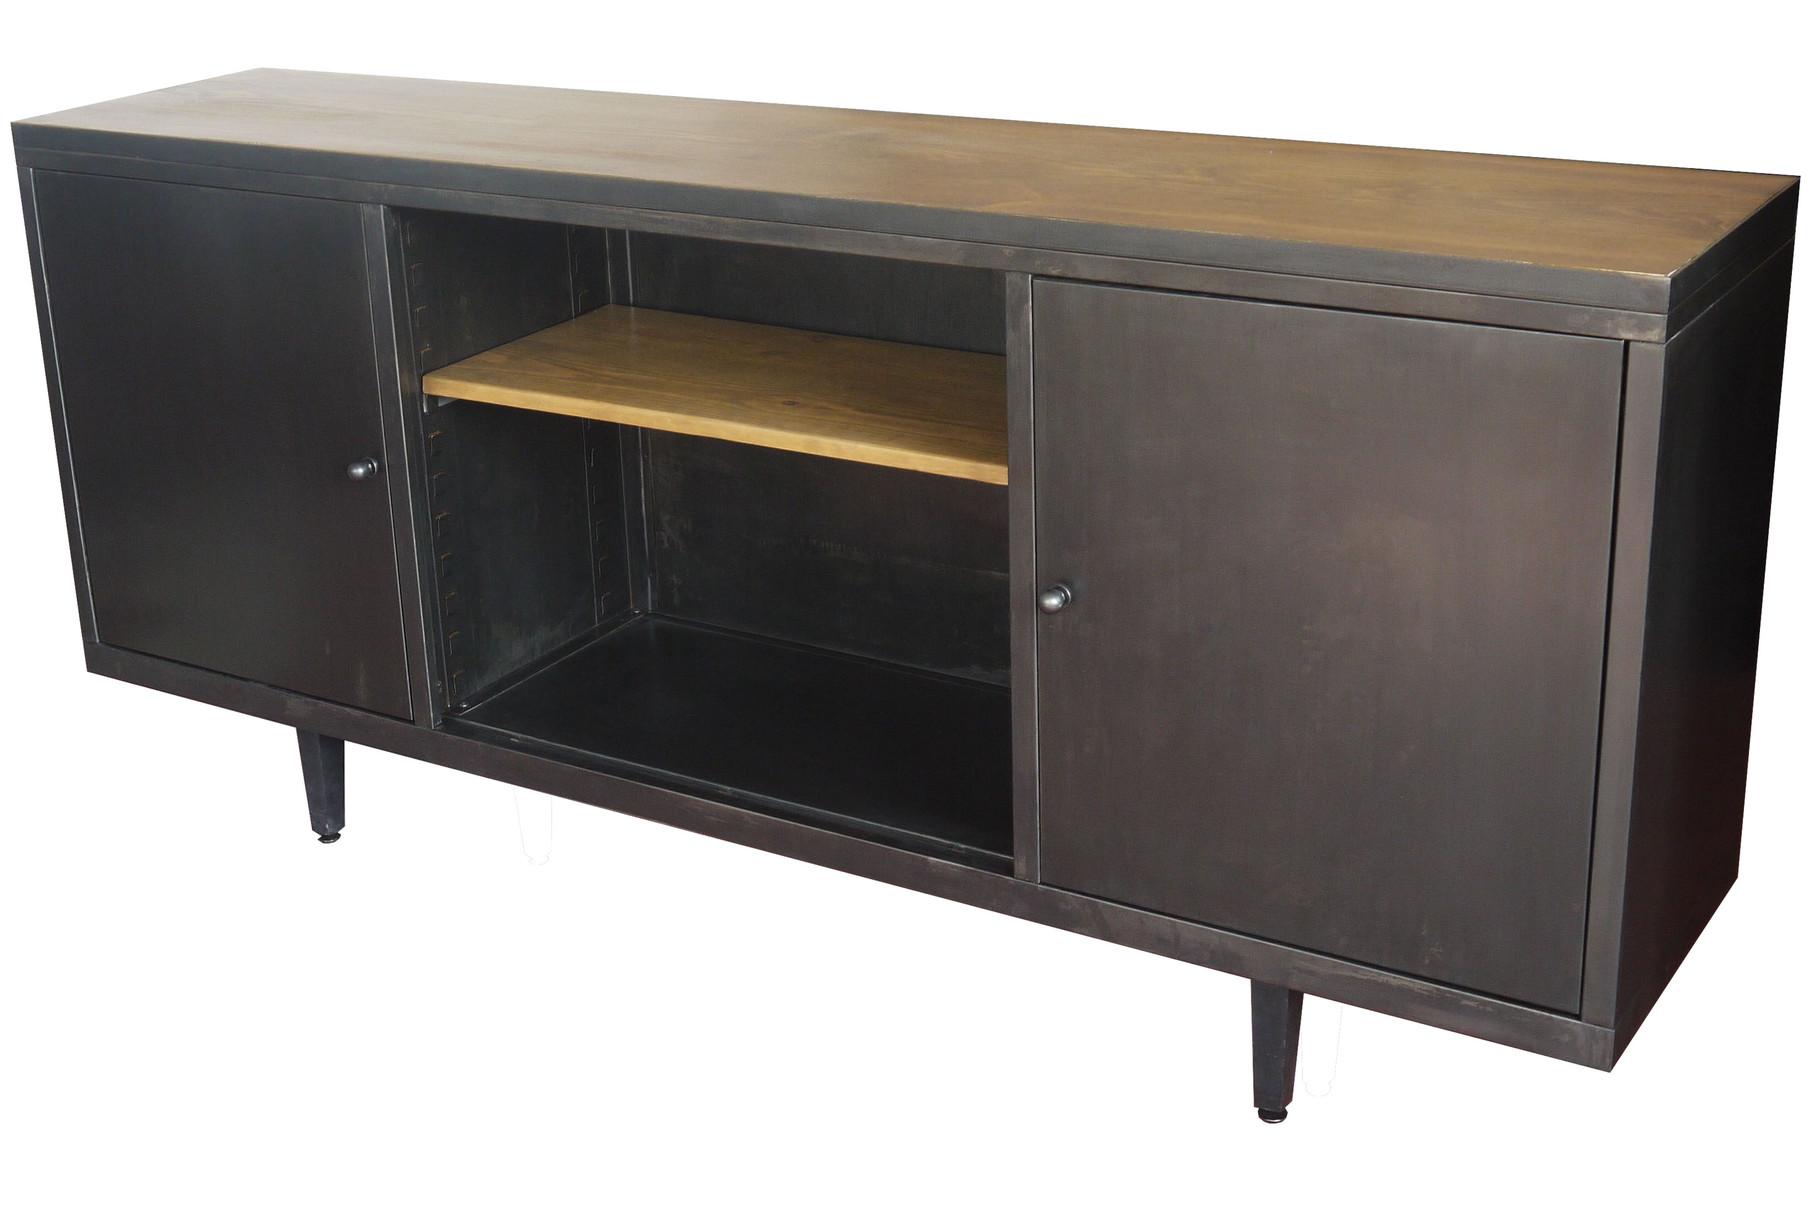 magasin meuble vintage paris elegant magasin meuble vintage paris with magasin meuble vintage. Black Bedroom Furniture Sets. Home Design Ideas